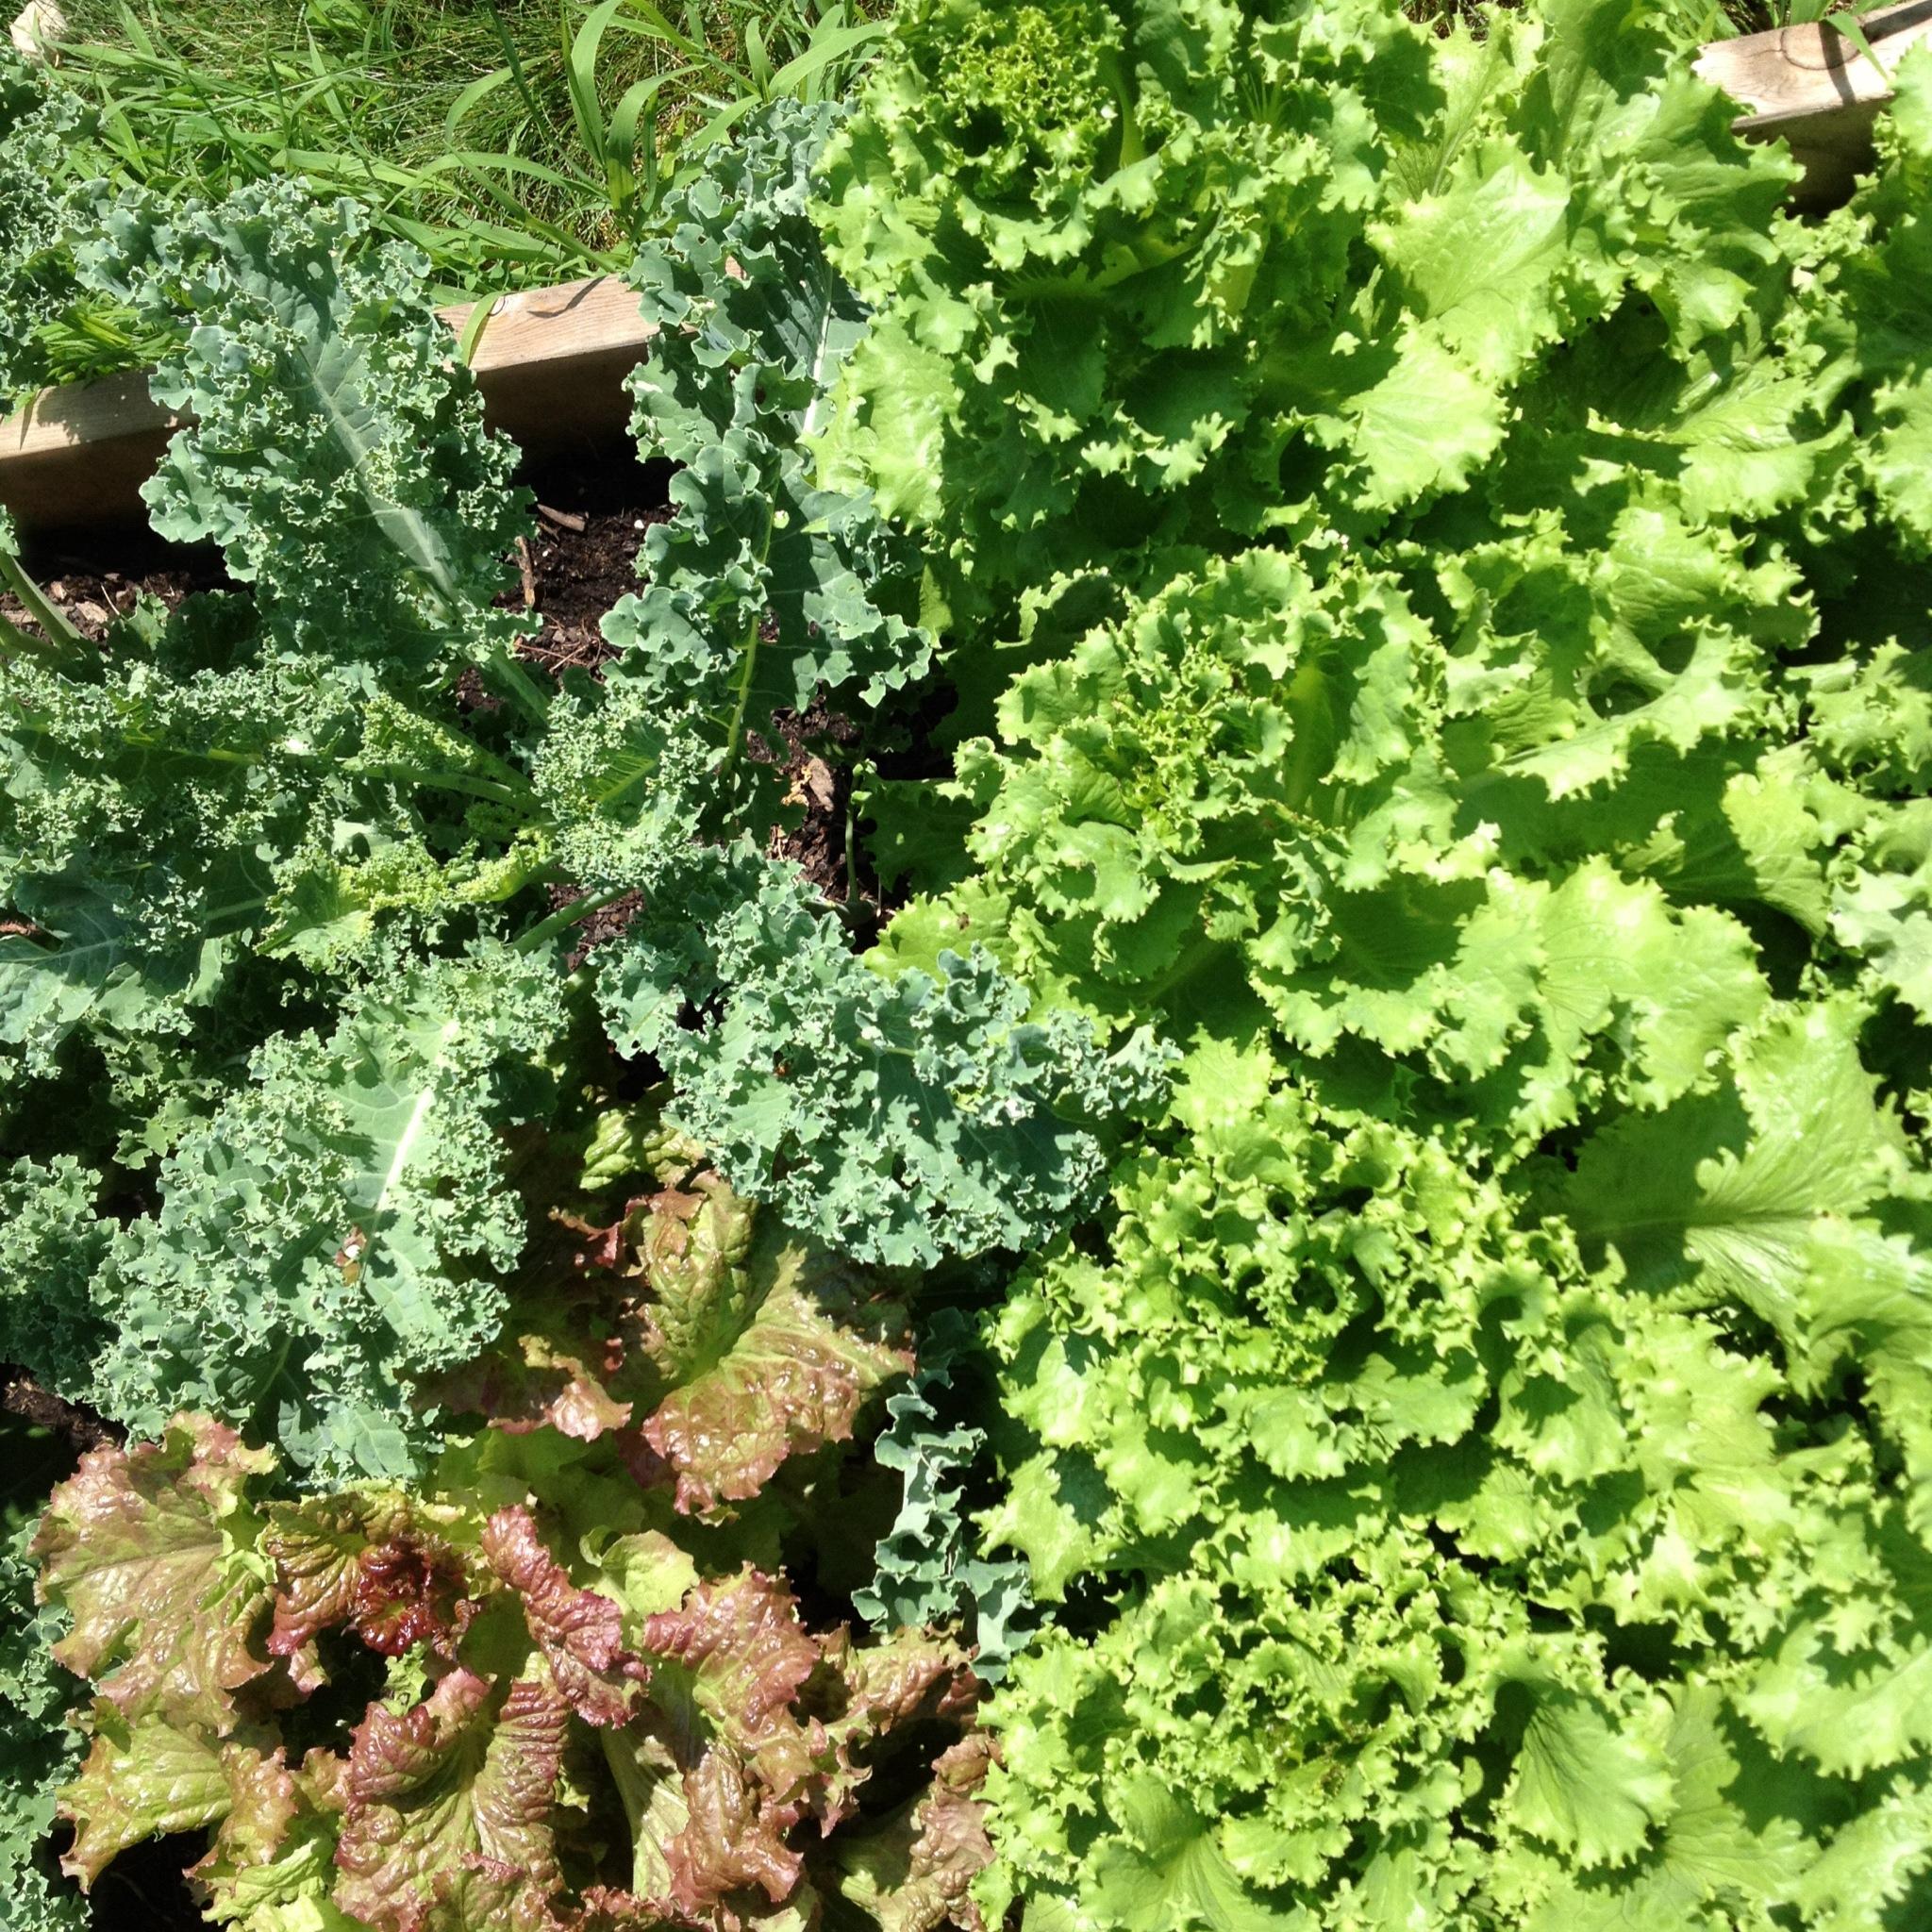 Leaf lettuce.